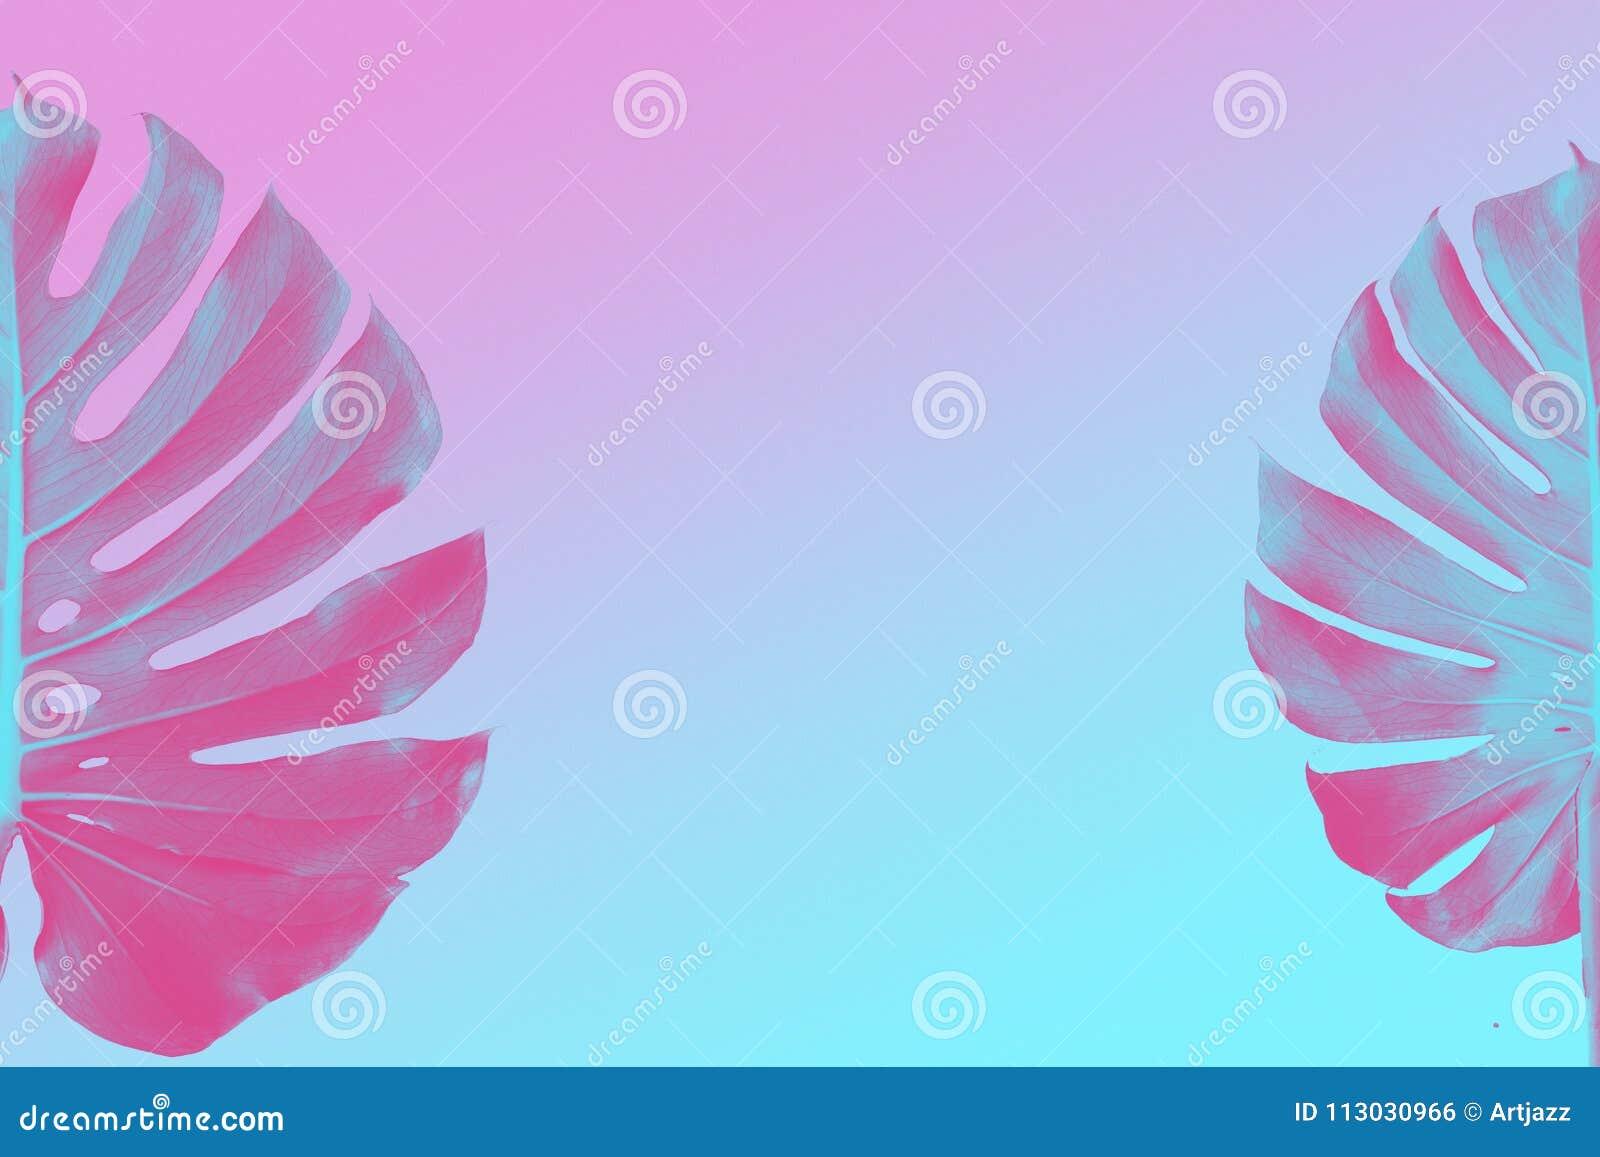 Monstera dos hojas como frontera en el fondo ultravioleta, rosado y azul del duotone